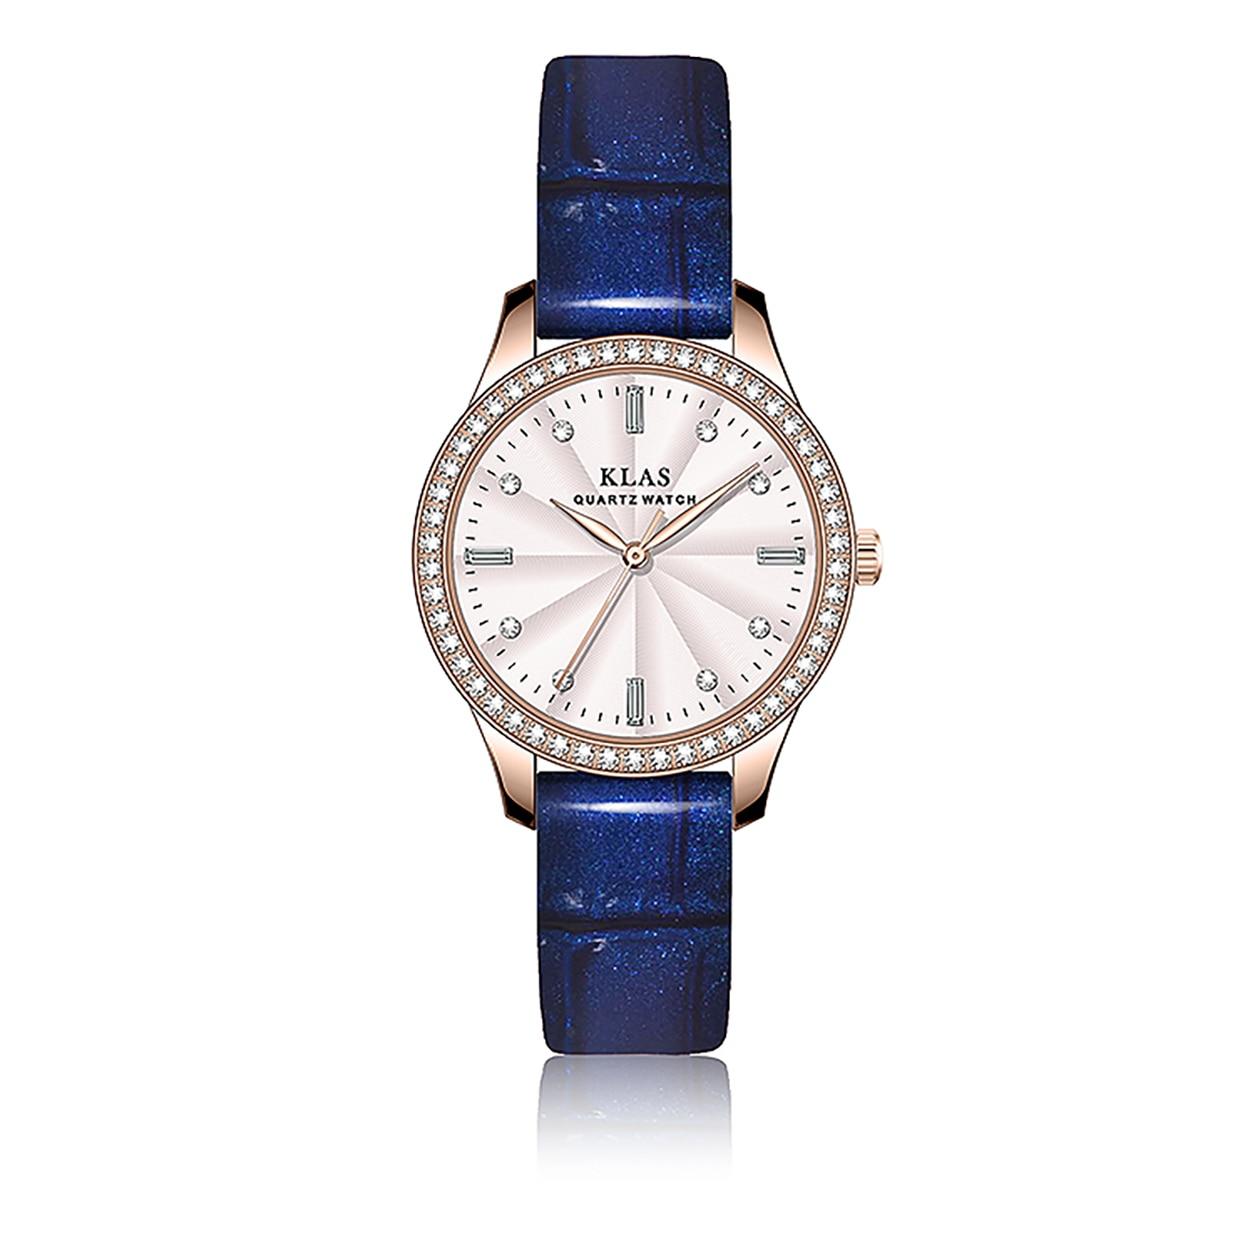 ساعة كوارتز للسيدات إبرة مشبك نوع Shetton حافظة معدنية غير قابلة للصدأ الحياة مقاوم للماء هدية عيد الحب المعلقة KLAS العلامة التجارية